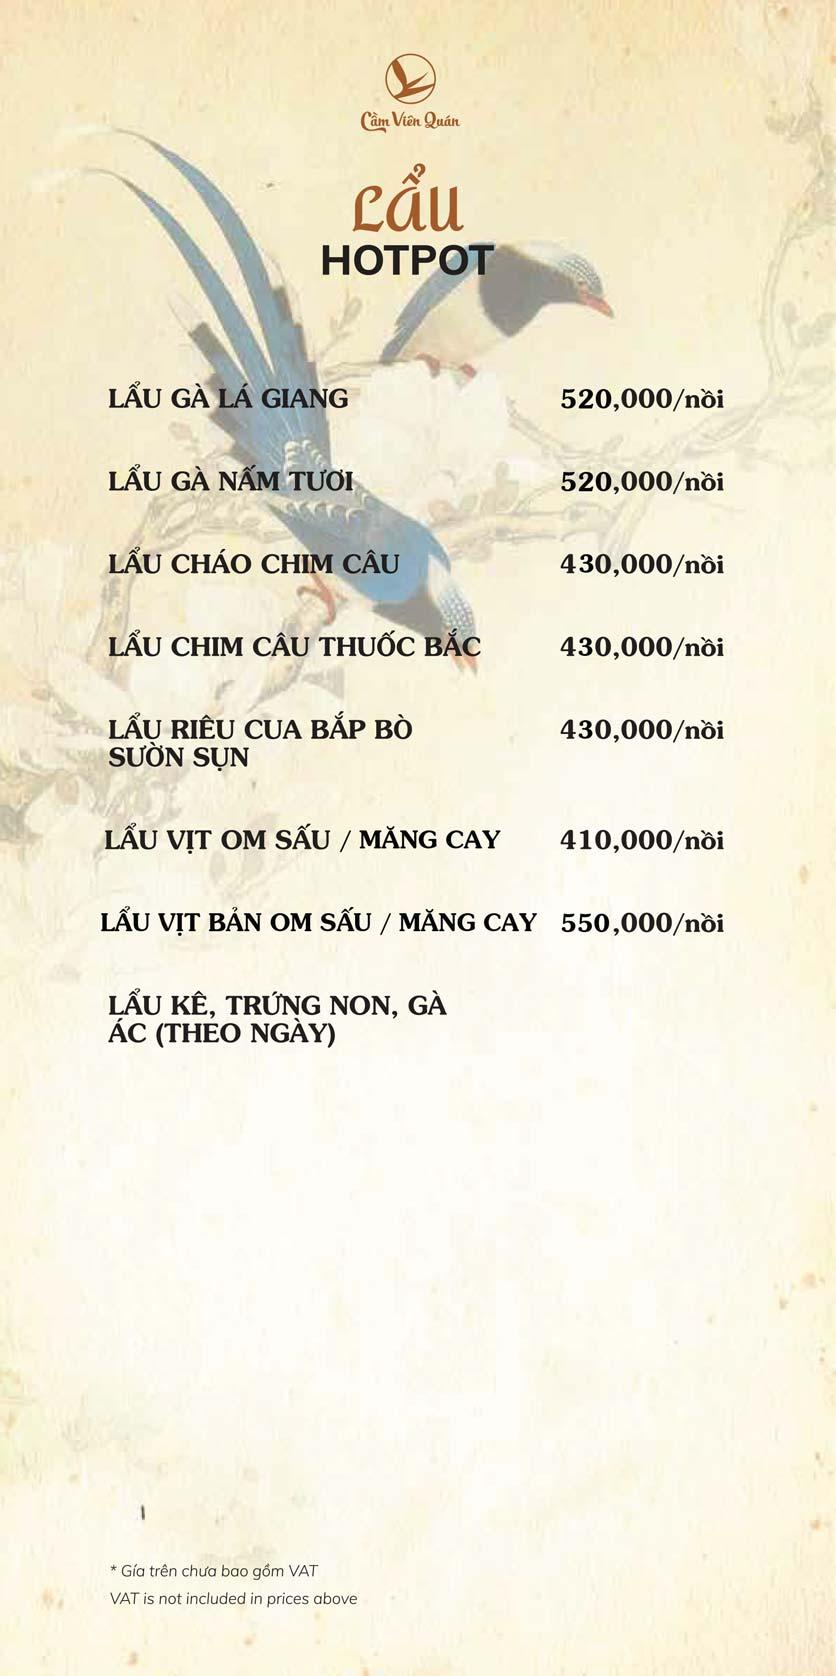 Menu Cầm Viên Quán - Nguyễn Văn Lộc 14